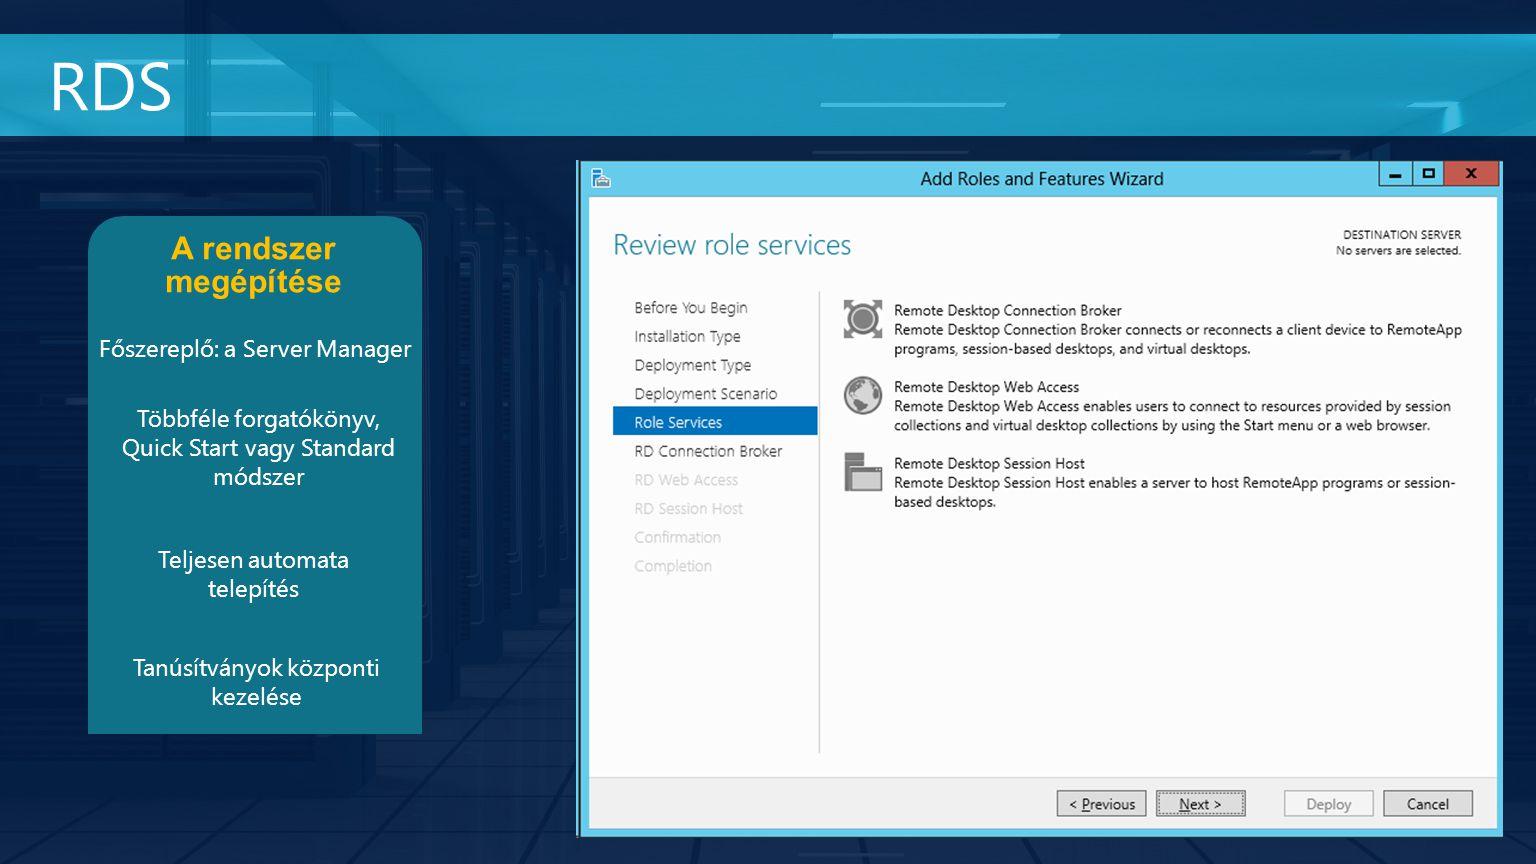 RDS A rendszer megépítése Főszereplő: a Server Manager Többféle forgatókönyv, Quick Start vagy Standard módszer Teljesen automata telepítés Tanúsítván